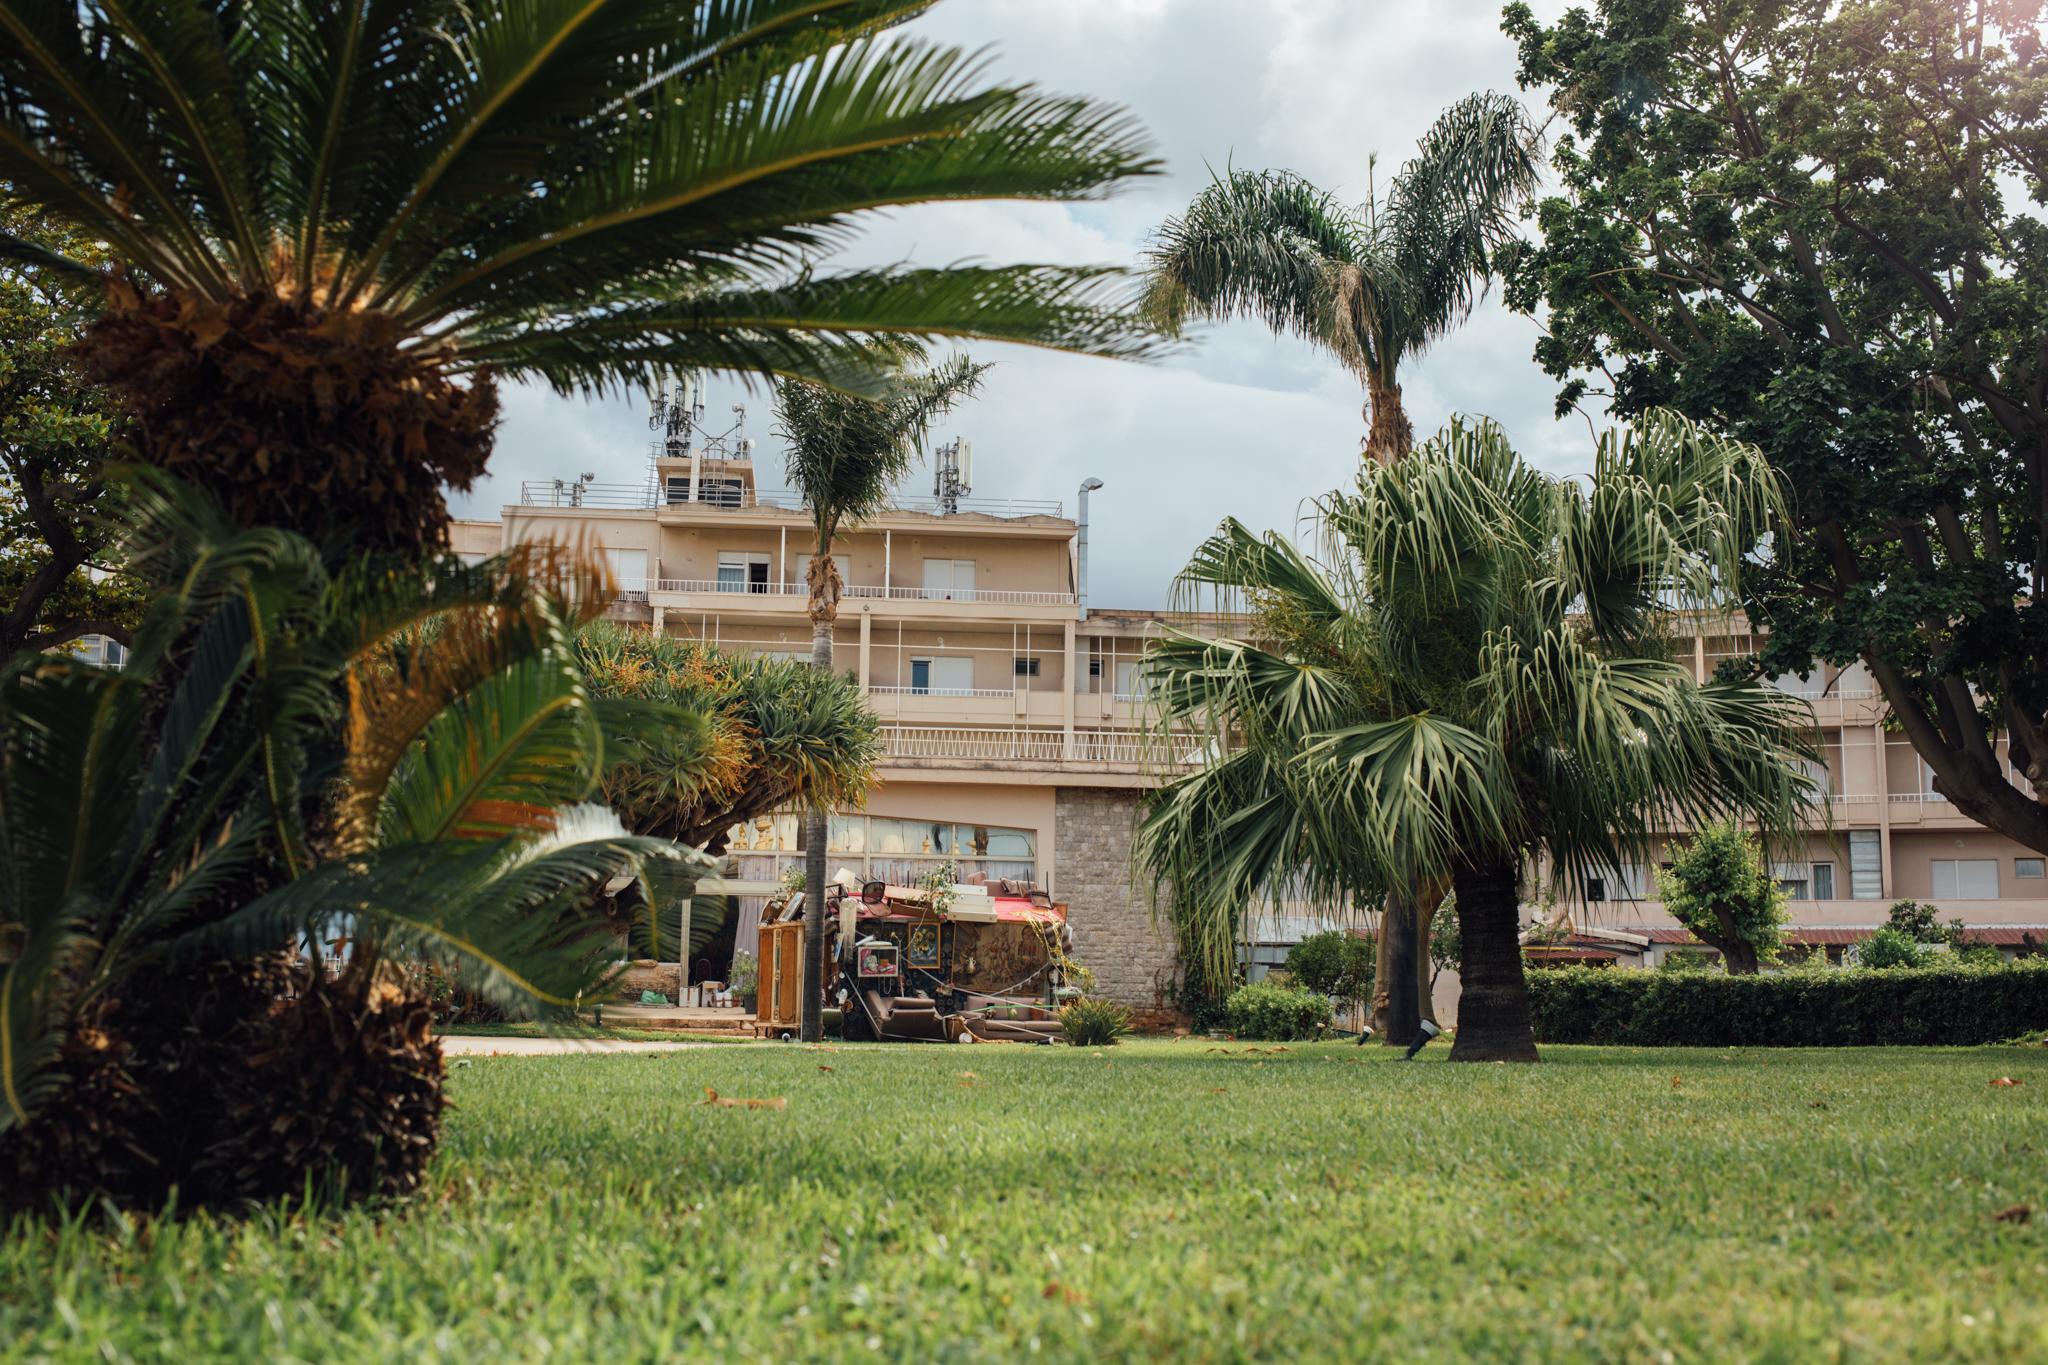 Daniel González, Mi Casa Tu Casa, 2018, Manifesta 12 Palermo collateral event, Mondello Italo Belga, Mondello Palace Hotel, ph Andrea Trimarchi